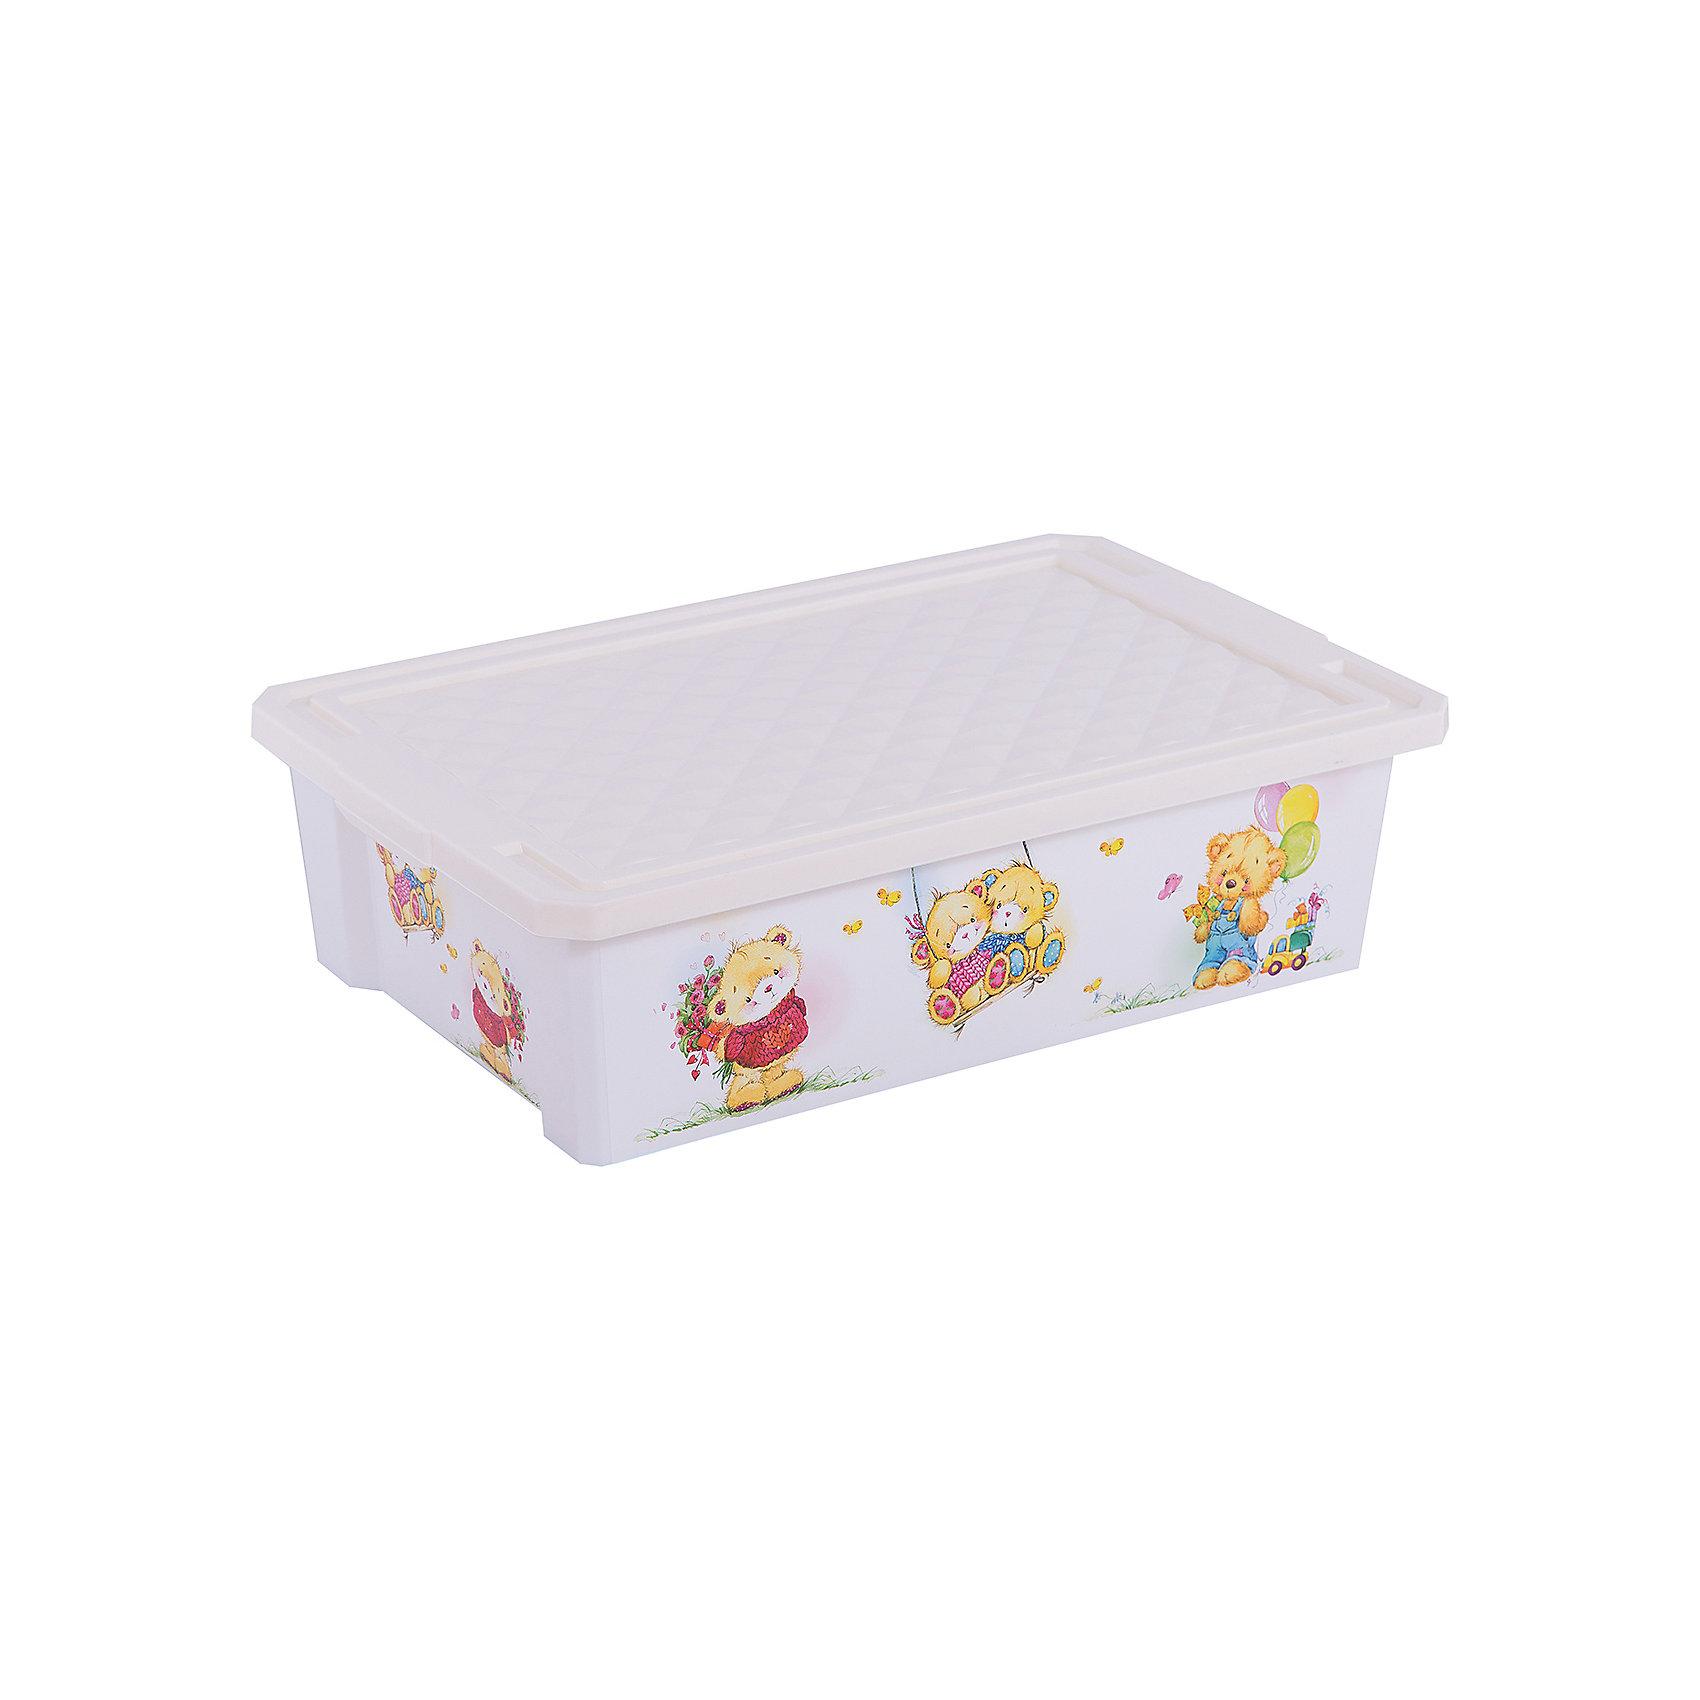 Ящик для хранения игрушек X-BOX Bears 30л на колесах, Little Angel, слоновая костьПорядок в детской<br>Ящик для хранения игрушек X-BOX Bears 30 л на колесах, Little Angel, слоновая кость изготовлен отечественным производителем . Выполненный из высококачественного пластика, устойчивого к внешним повреждениям и изменению цвета, ящик станет не только необходимым предметом для хранения детских игрушек и принадлежностей, но и украсит детскую комнату своим ярким дизайном. Он выполнен в цвете слоновой кости, по бокам нанесены устойчивые к повреждению изображения медвежат. Ящик оснащен крышкой, что защитит хранящиеся в нем предметы от пыли. Ящик оснащен колесиками, что позволяет его легко передвигать по помещению даже ребенку.<br>Ящик для хранения игрушек X-BOX Bears 30 л на колесах, Little Angel, слоновая кость достаточно прост в уходе, его можно протирать влажной губкой или мыть в теплой воде. <br><br>Дополнительная информация:<br><br>- Предназначение: для дома<br>- Цвет: слоновая кость, розовый<br>- Пол: для девочки<br>- Материал: пластик<br>- Размер (Д*Ш*В): 61*40,5*19,3 см<br>- Объем: 30 л<br>- Вес: 1 кг 314 г<br>- Особенности ухода: разрешается мыть теплой водой<br><br>Подробнее:<br><br>• Для детей в возрасте: от 2 лет и до 7 лет<br>• Страна производитель: Россия<br>• Торговый бренд: Little Angel<br><br>Ящик для хранения игрушек X-BOX Bears 30 л на колесах, Little Angel, слоновая кость можно купить в нашем интернет-магазине.<br><br>Ширина мм: 610<br>Глубина мм: 405<br>Высота мм: 193<br>Вес г: 1314<br>Возраст от месяцев: 24<br>Возраст до месяцев: 84<br>Пол: Унисекс<br>Возраст: Детский<br>SKU: 4881779